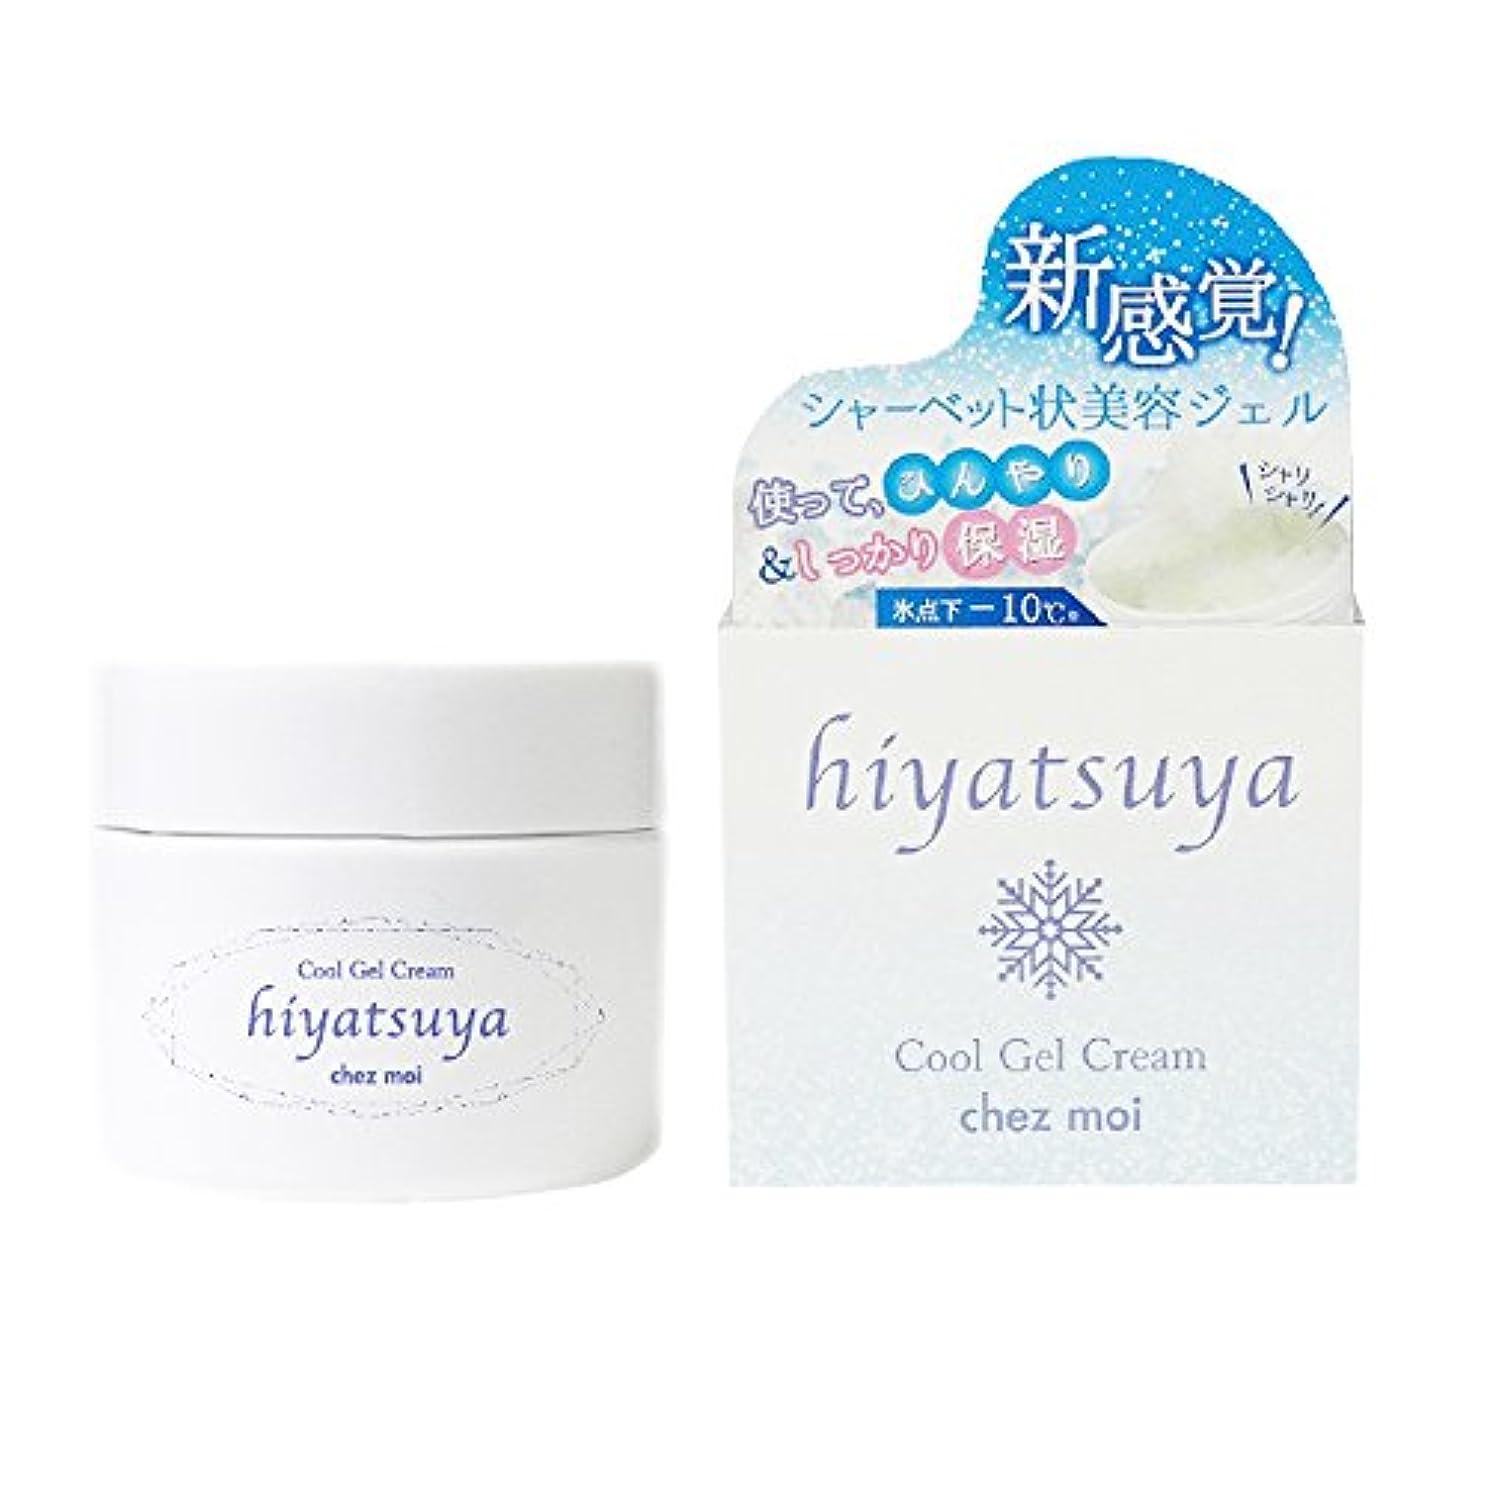 容疑者水差し性差別シェモア hiyatsuya(ヒヤツヤ) cool gel cream 70g